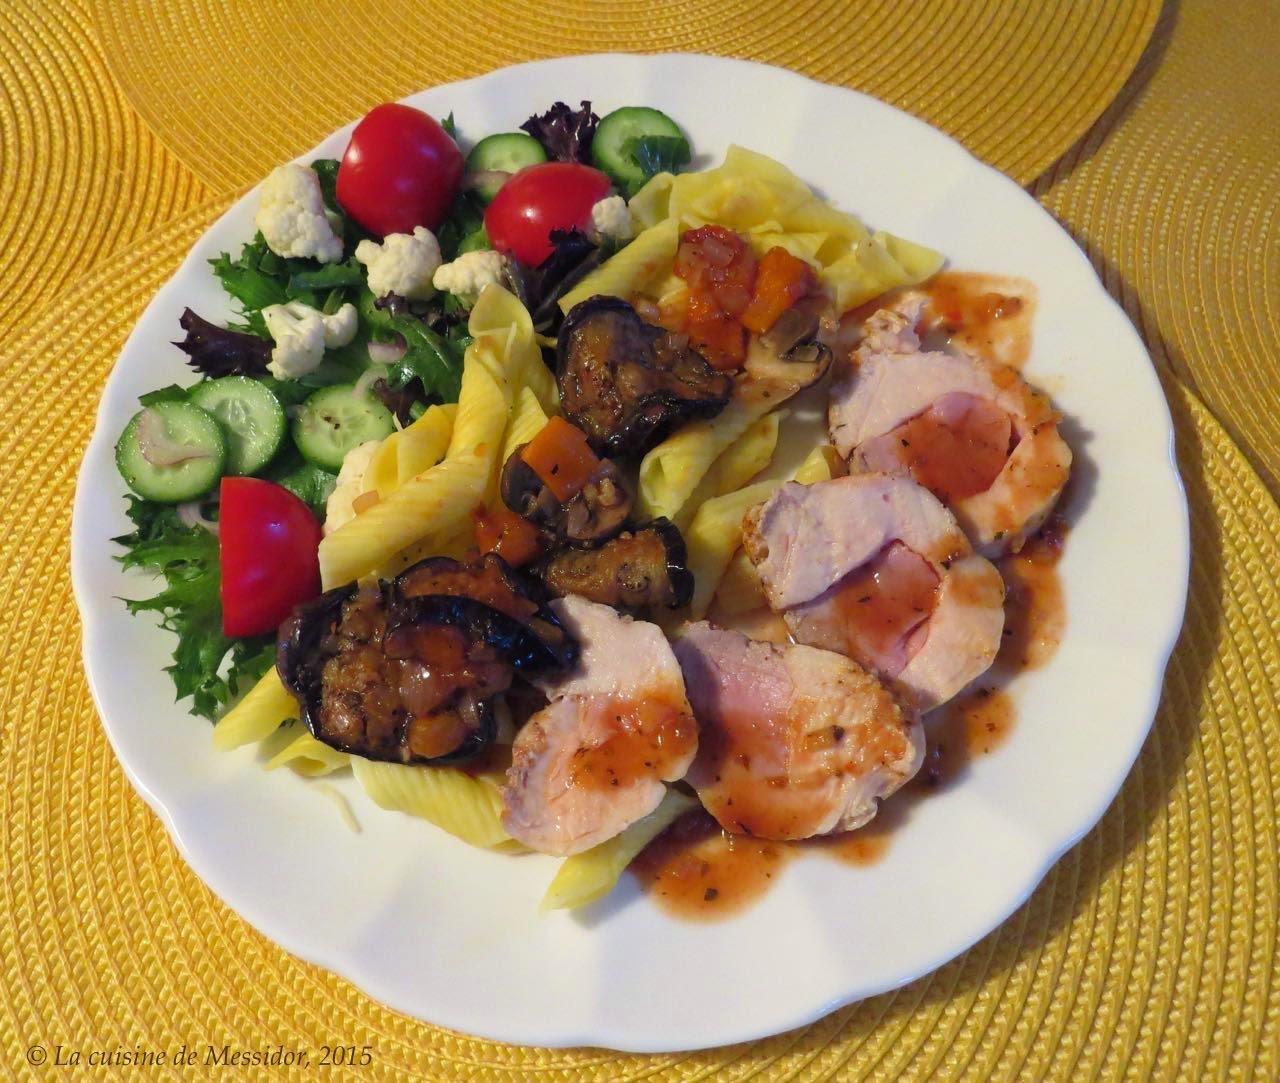 Coq au porc à l'italienne